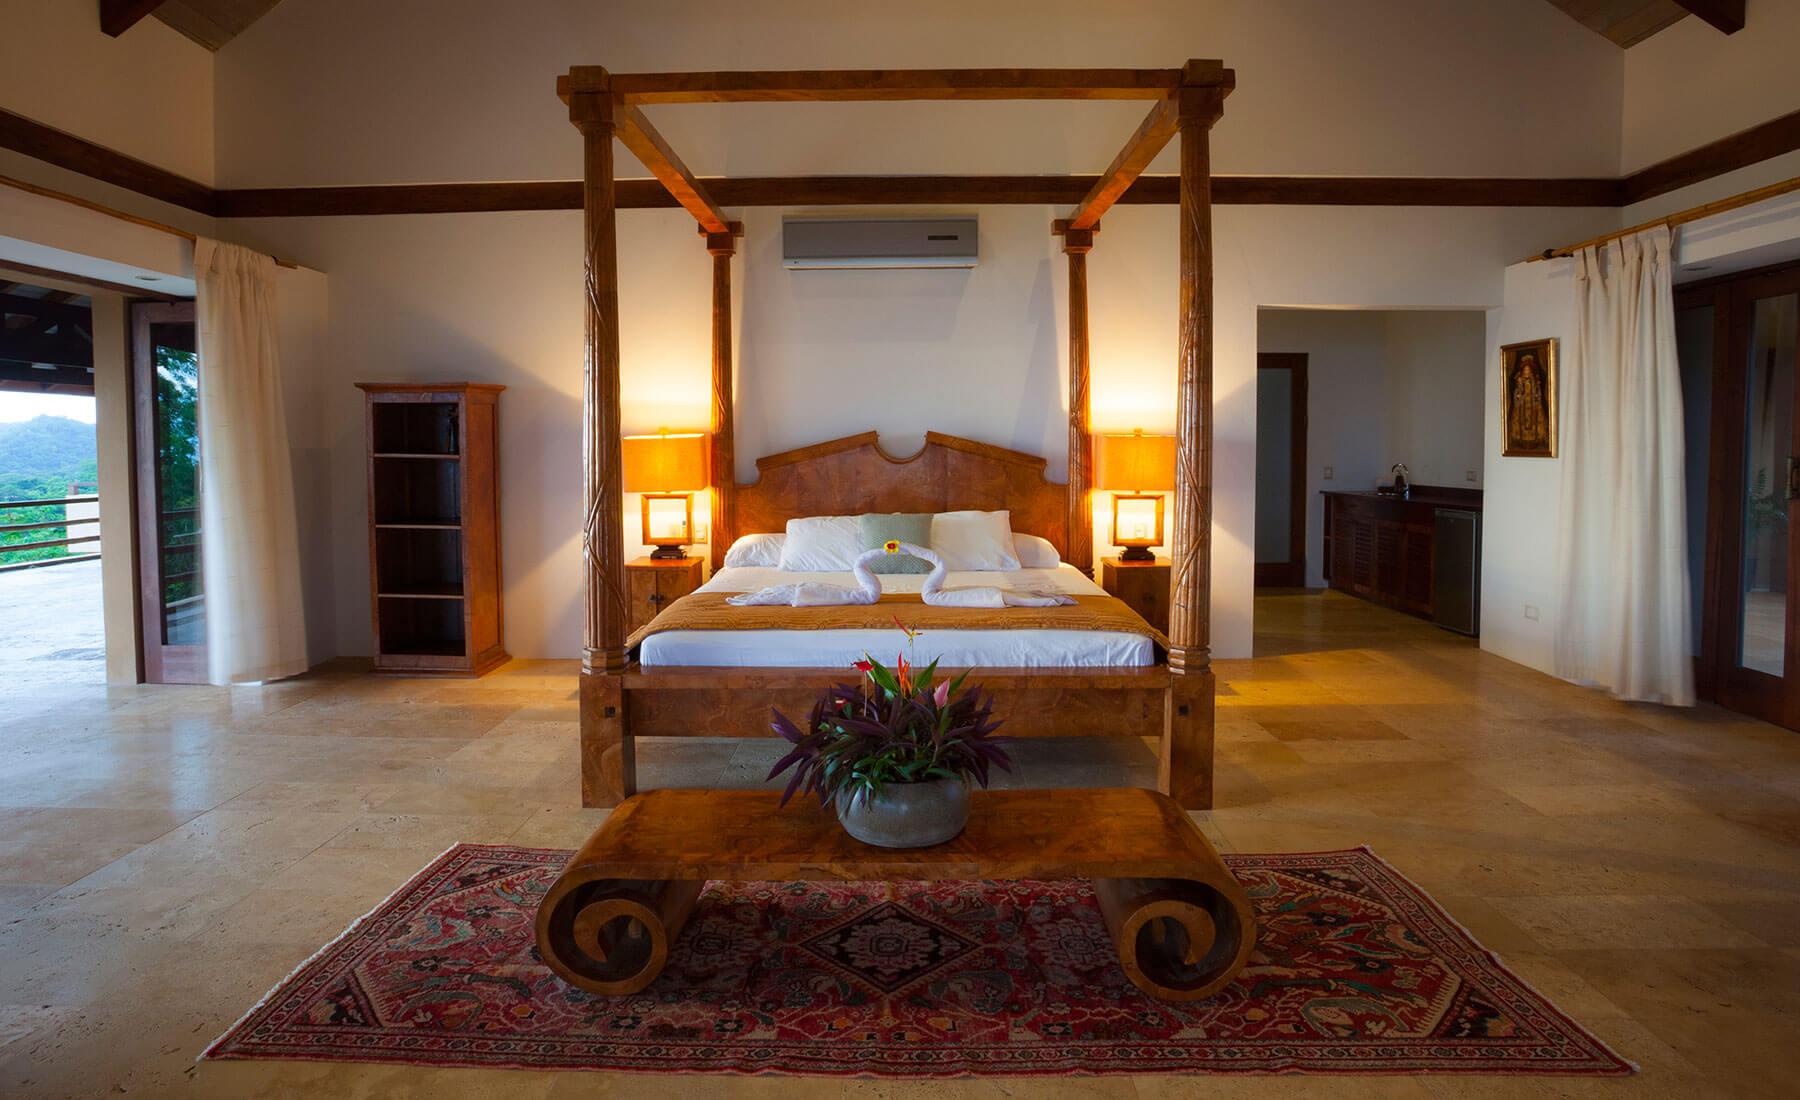 costa rica private villa bedrooms